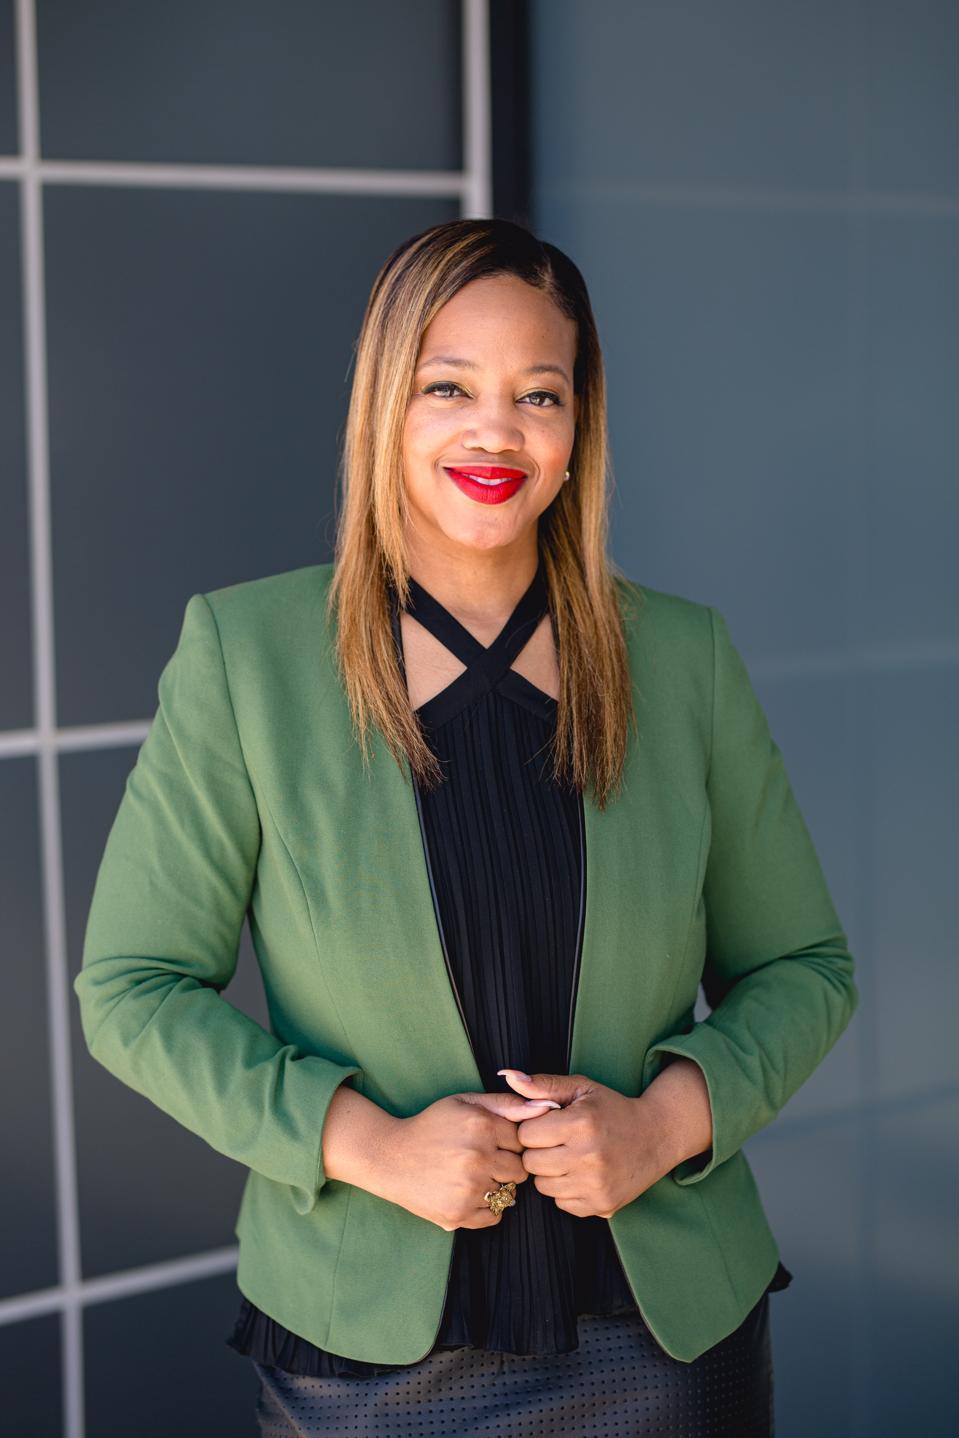 Sharonda L. Britton, Head of Trade and Shopper Marketing